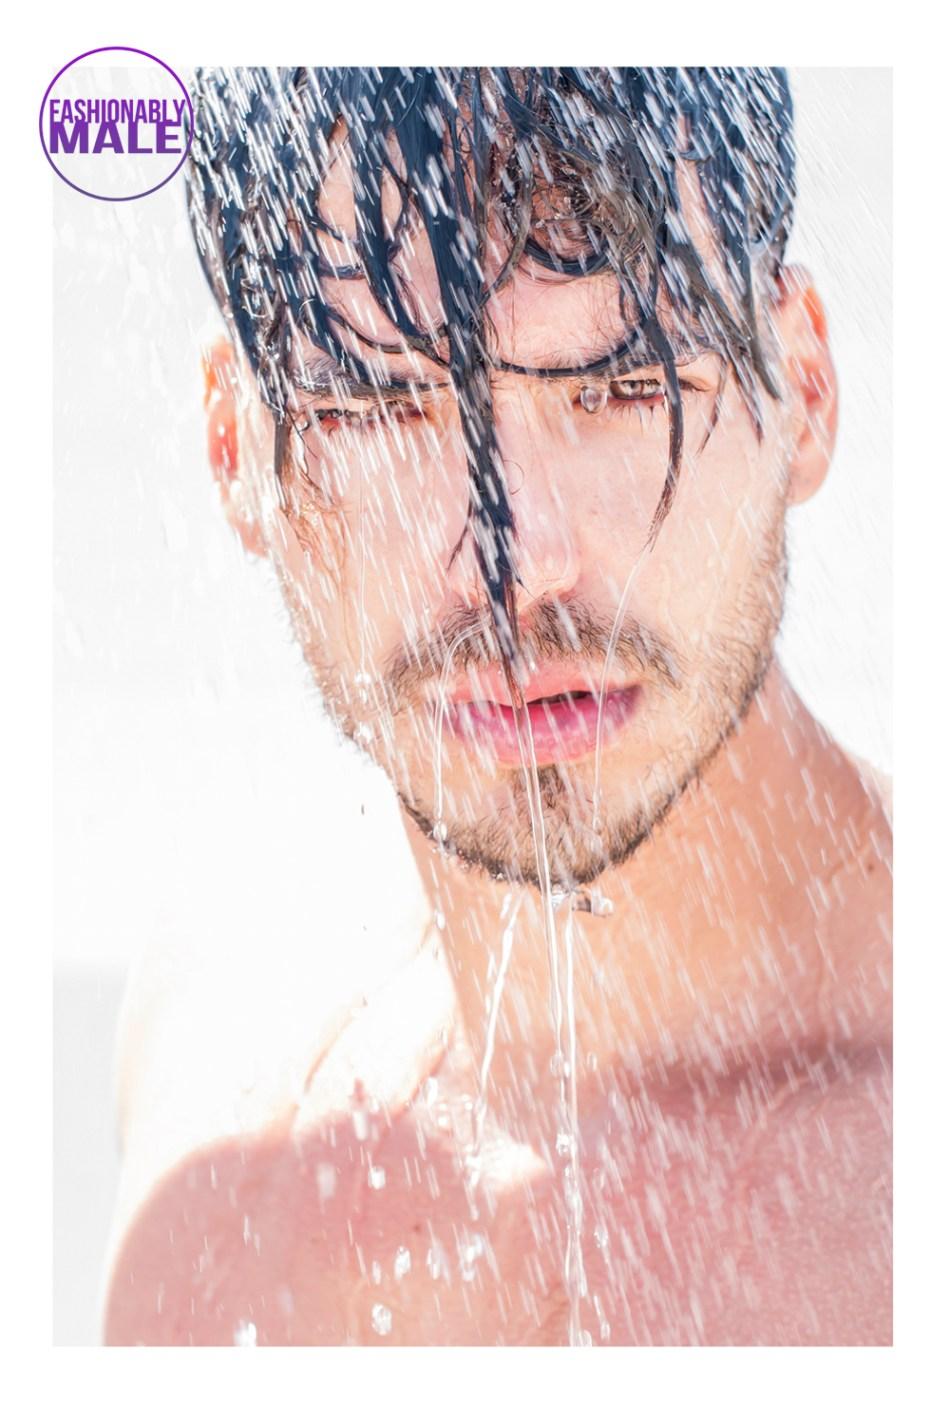 It's Raining Guys! Work by Alejandro Tomas